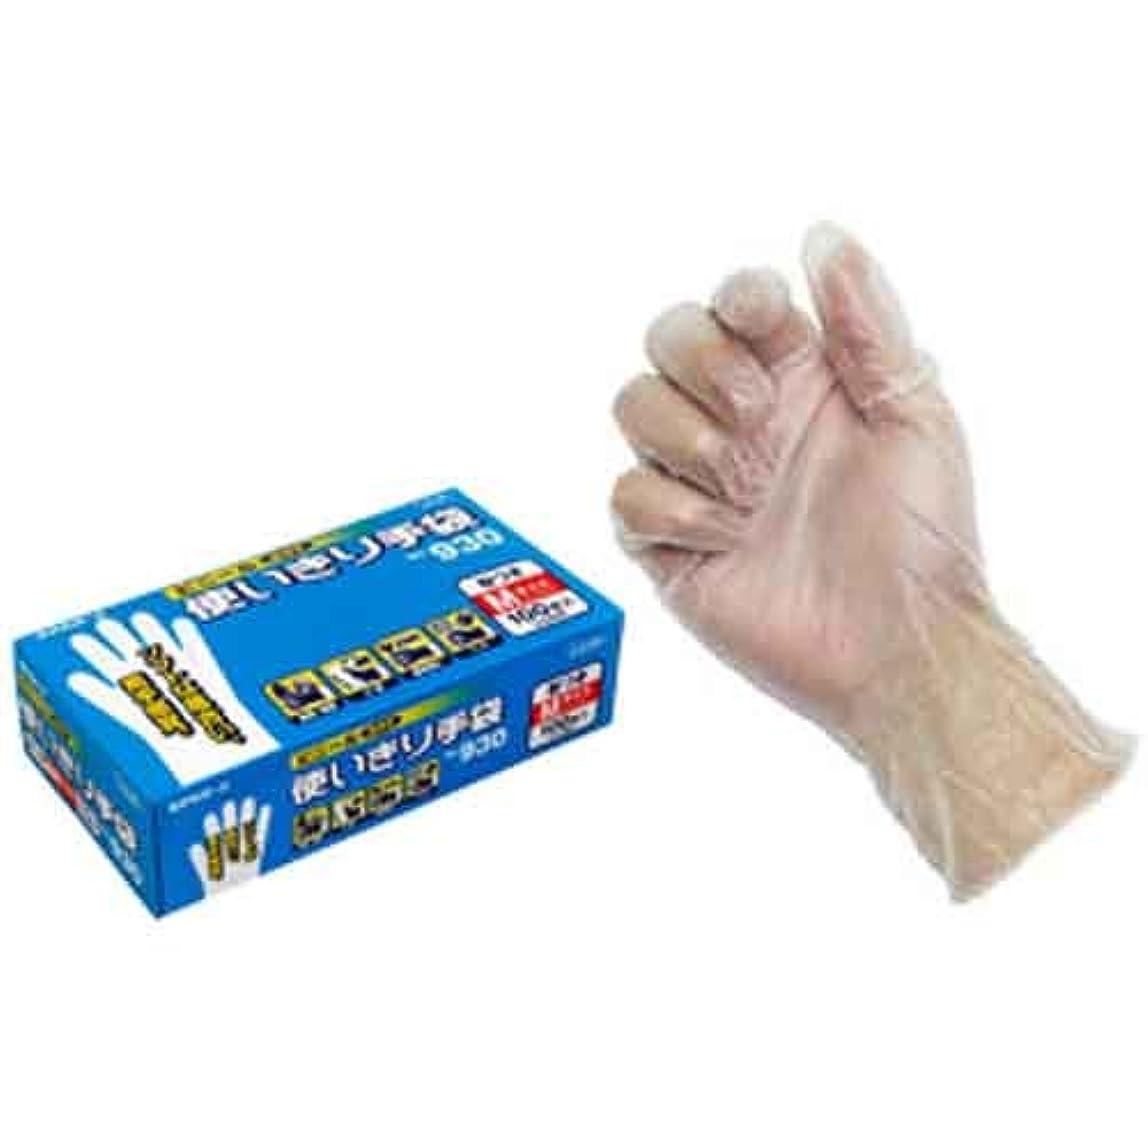 美人腹サージビニール使いきり手袋(粉付)100枚入(箱) 930 M